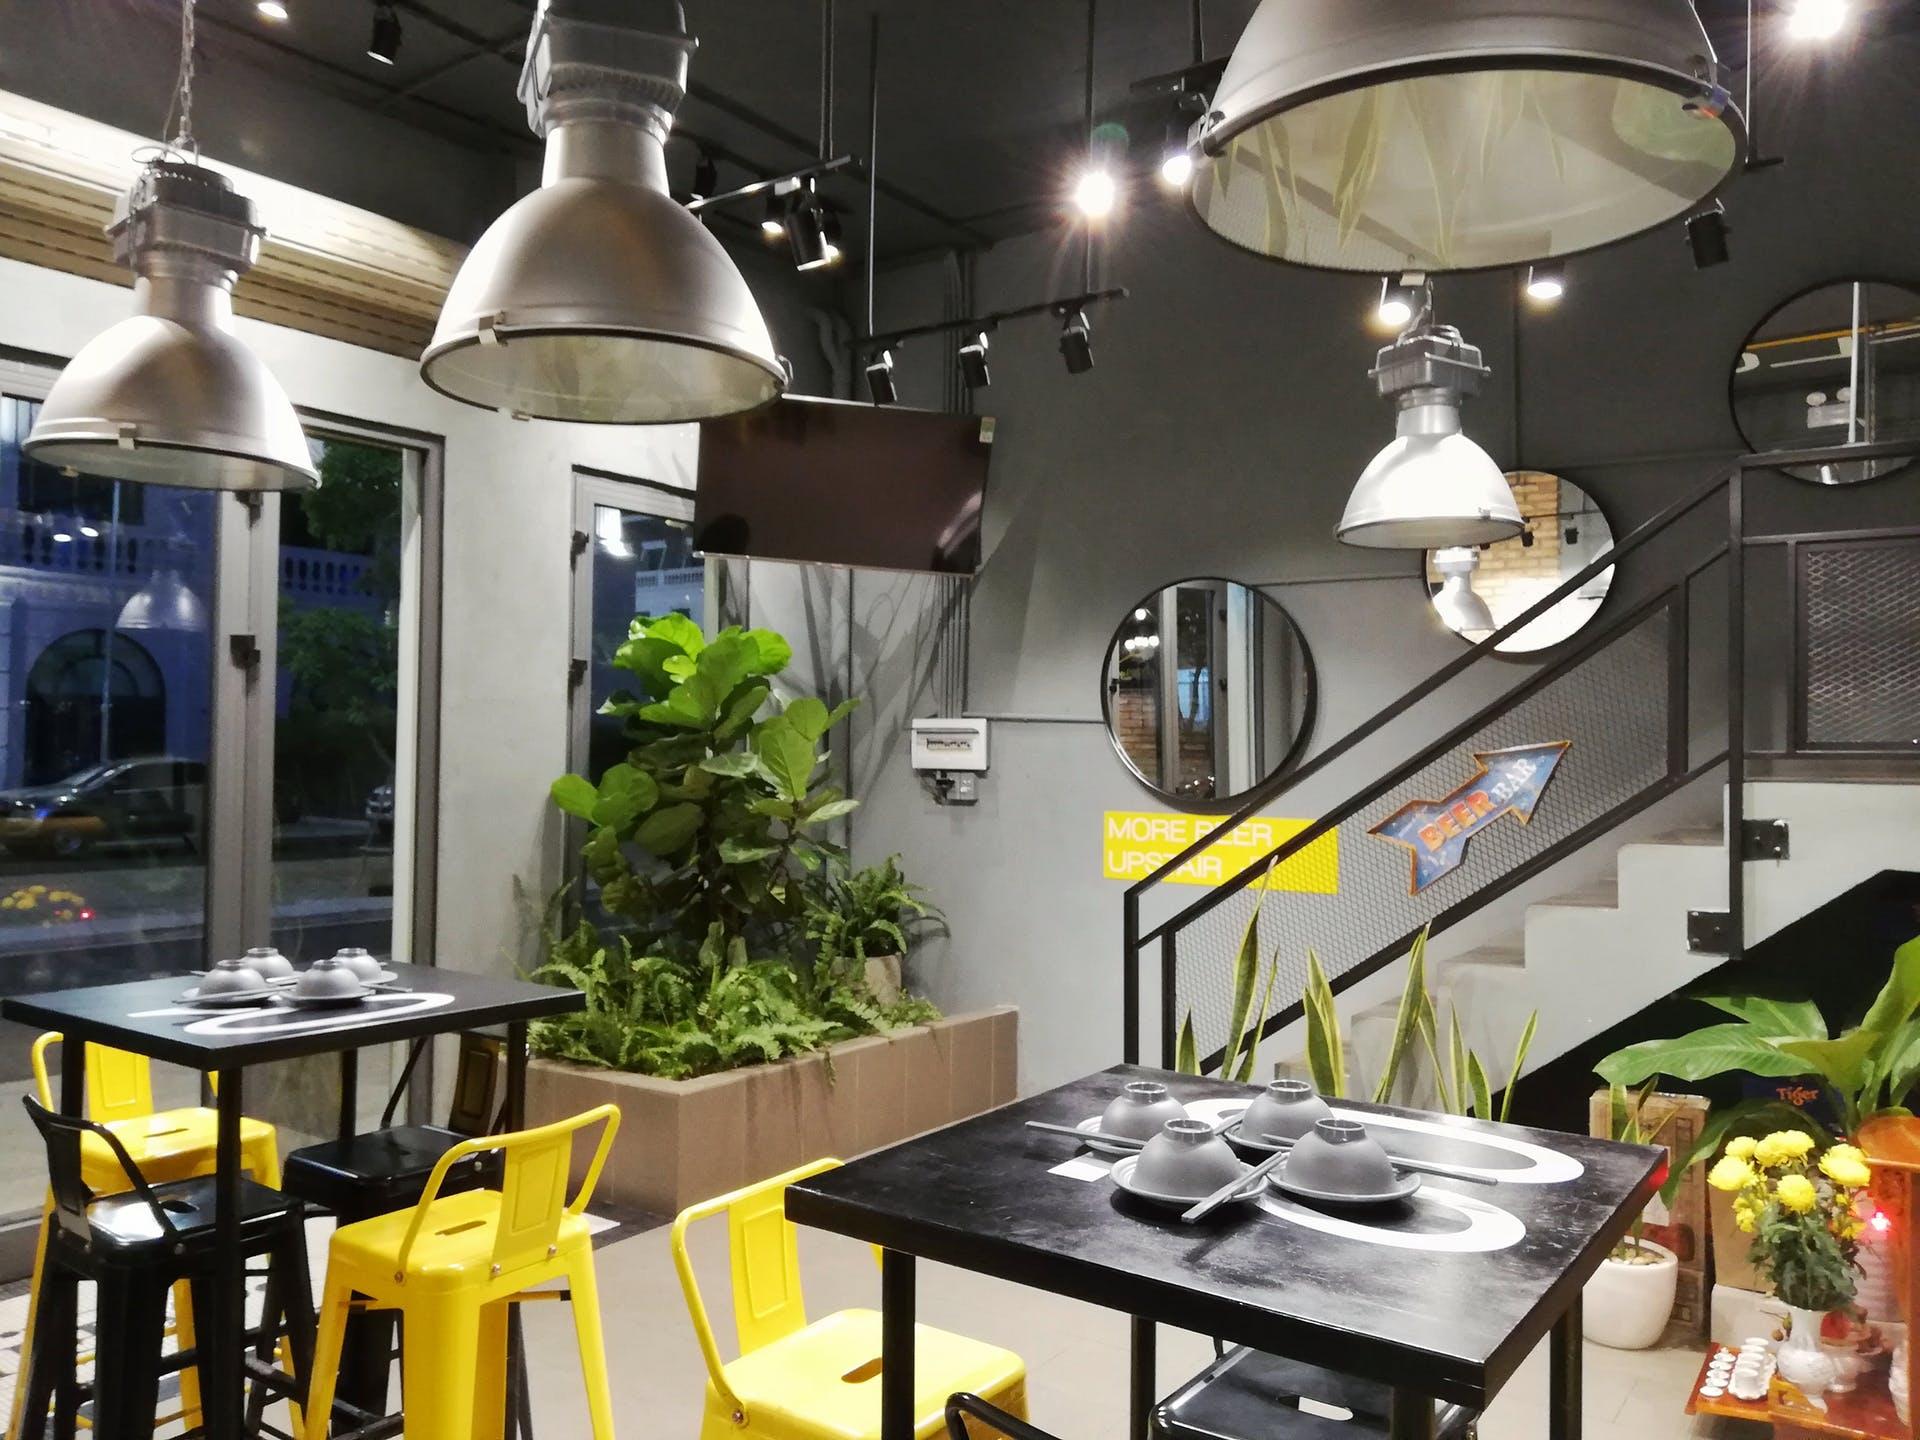 design space architectural design restaurant modern architecture design